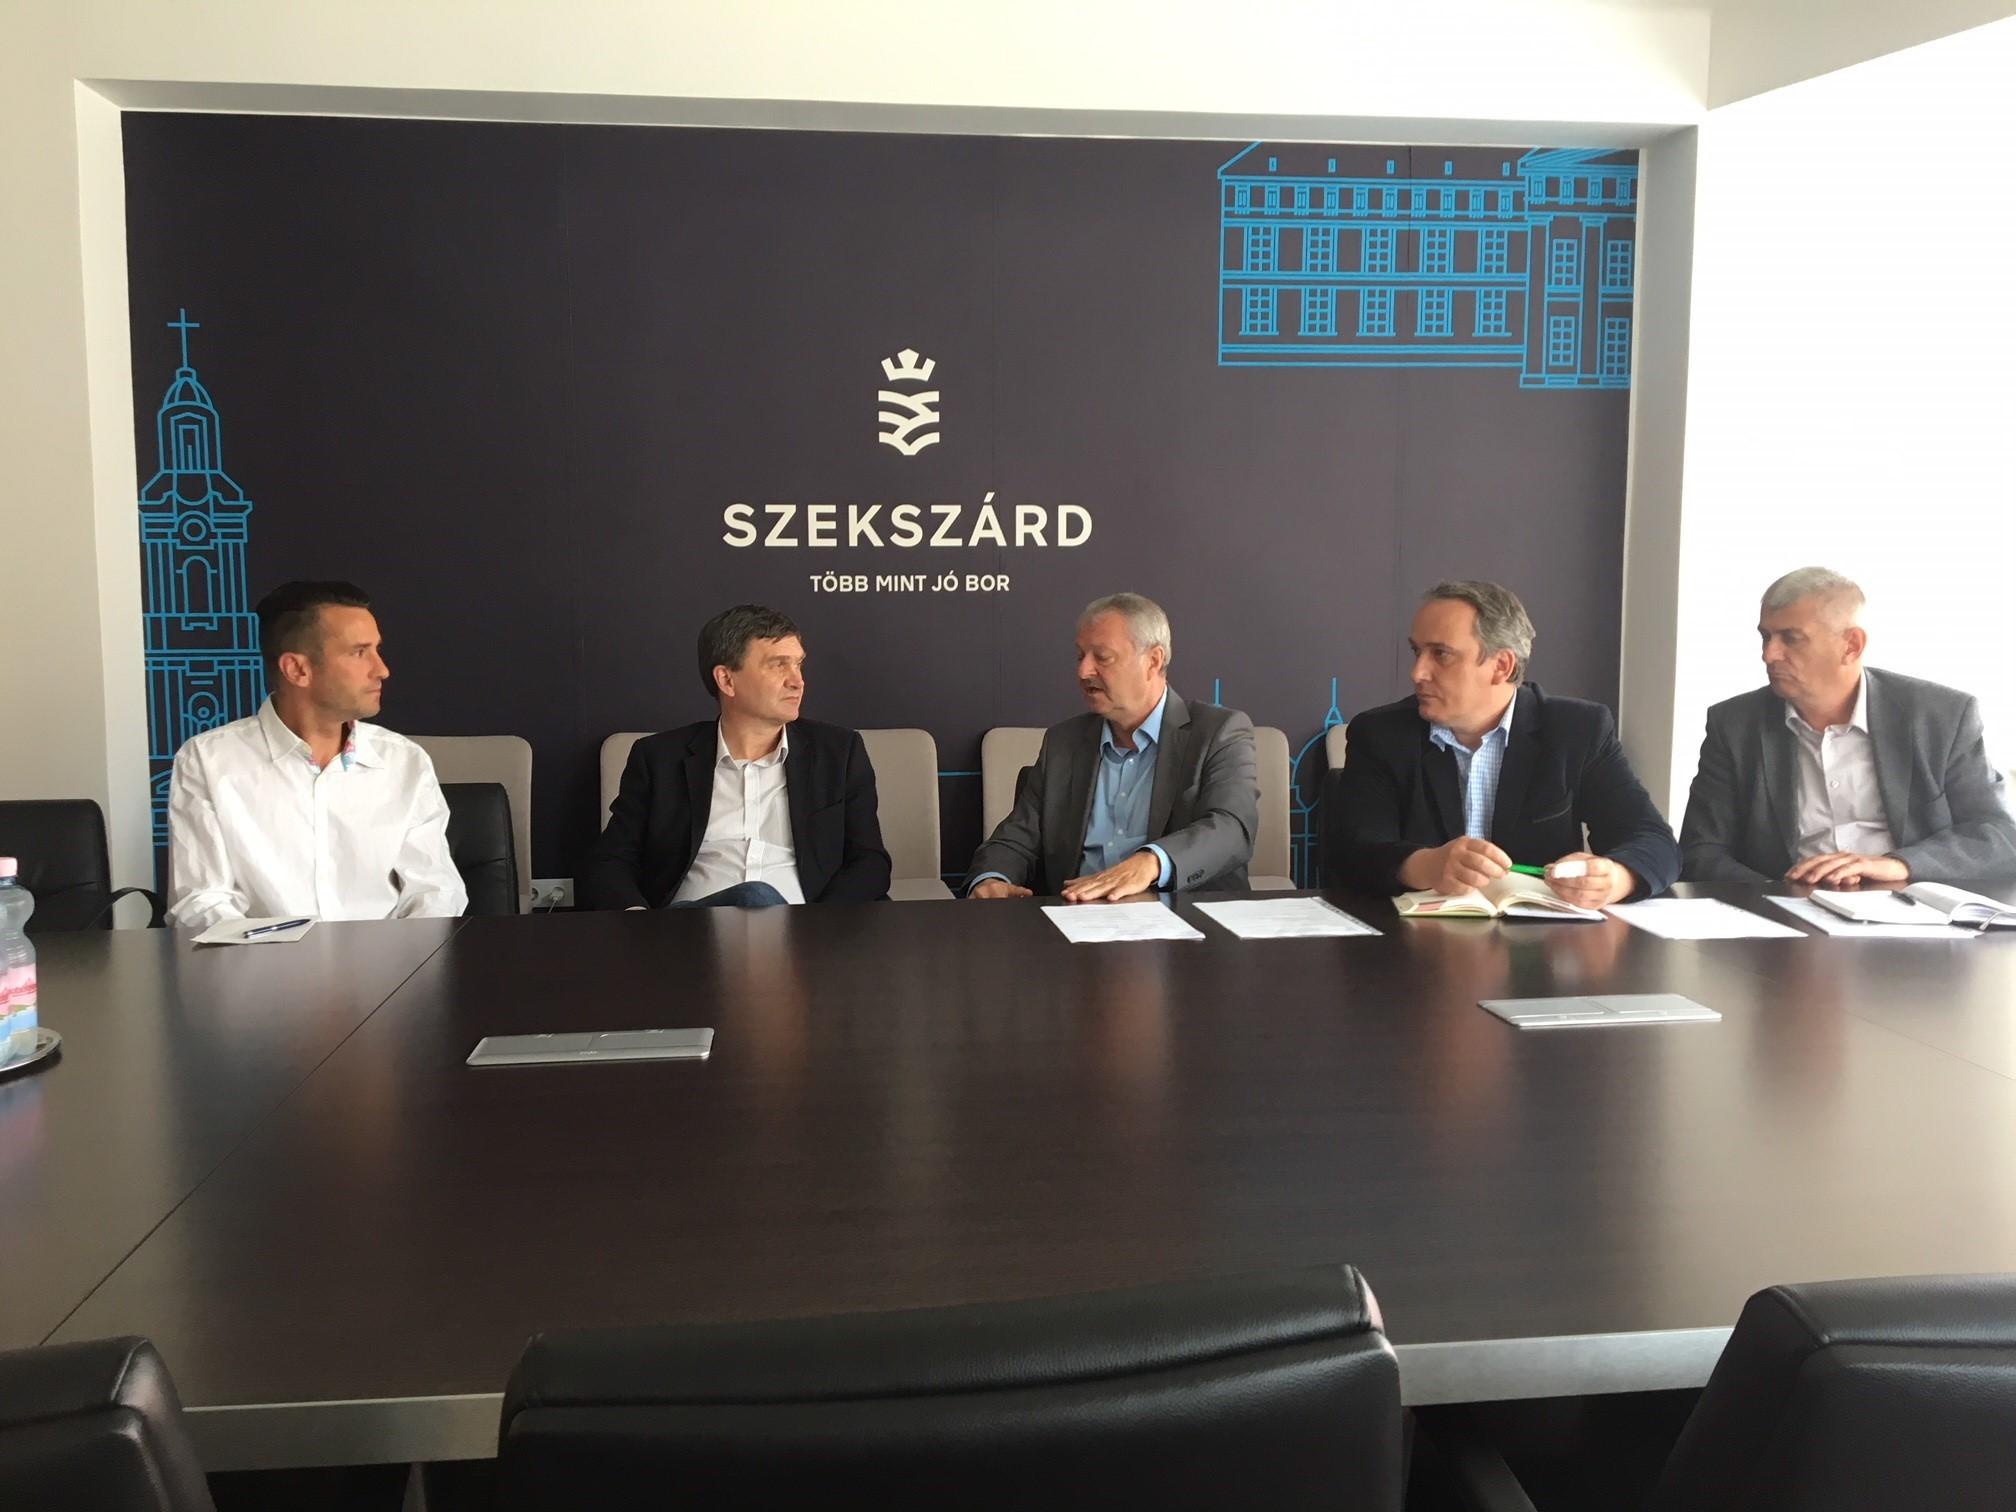 Szekszárd lesz az idei Hungarian Open verseny helyszíne